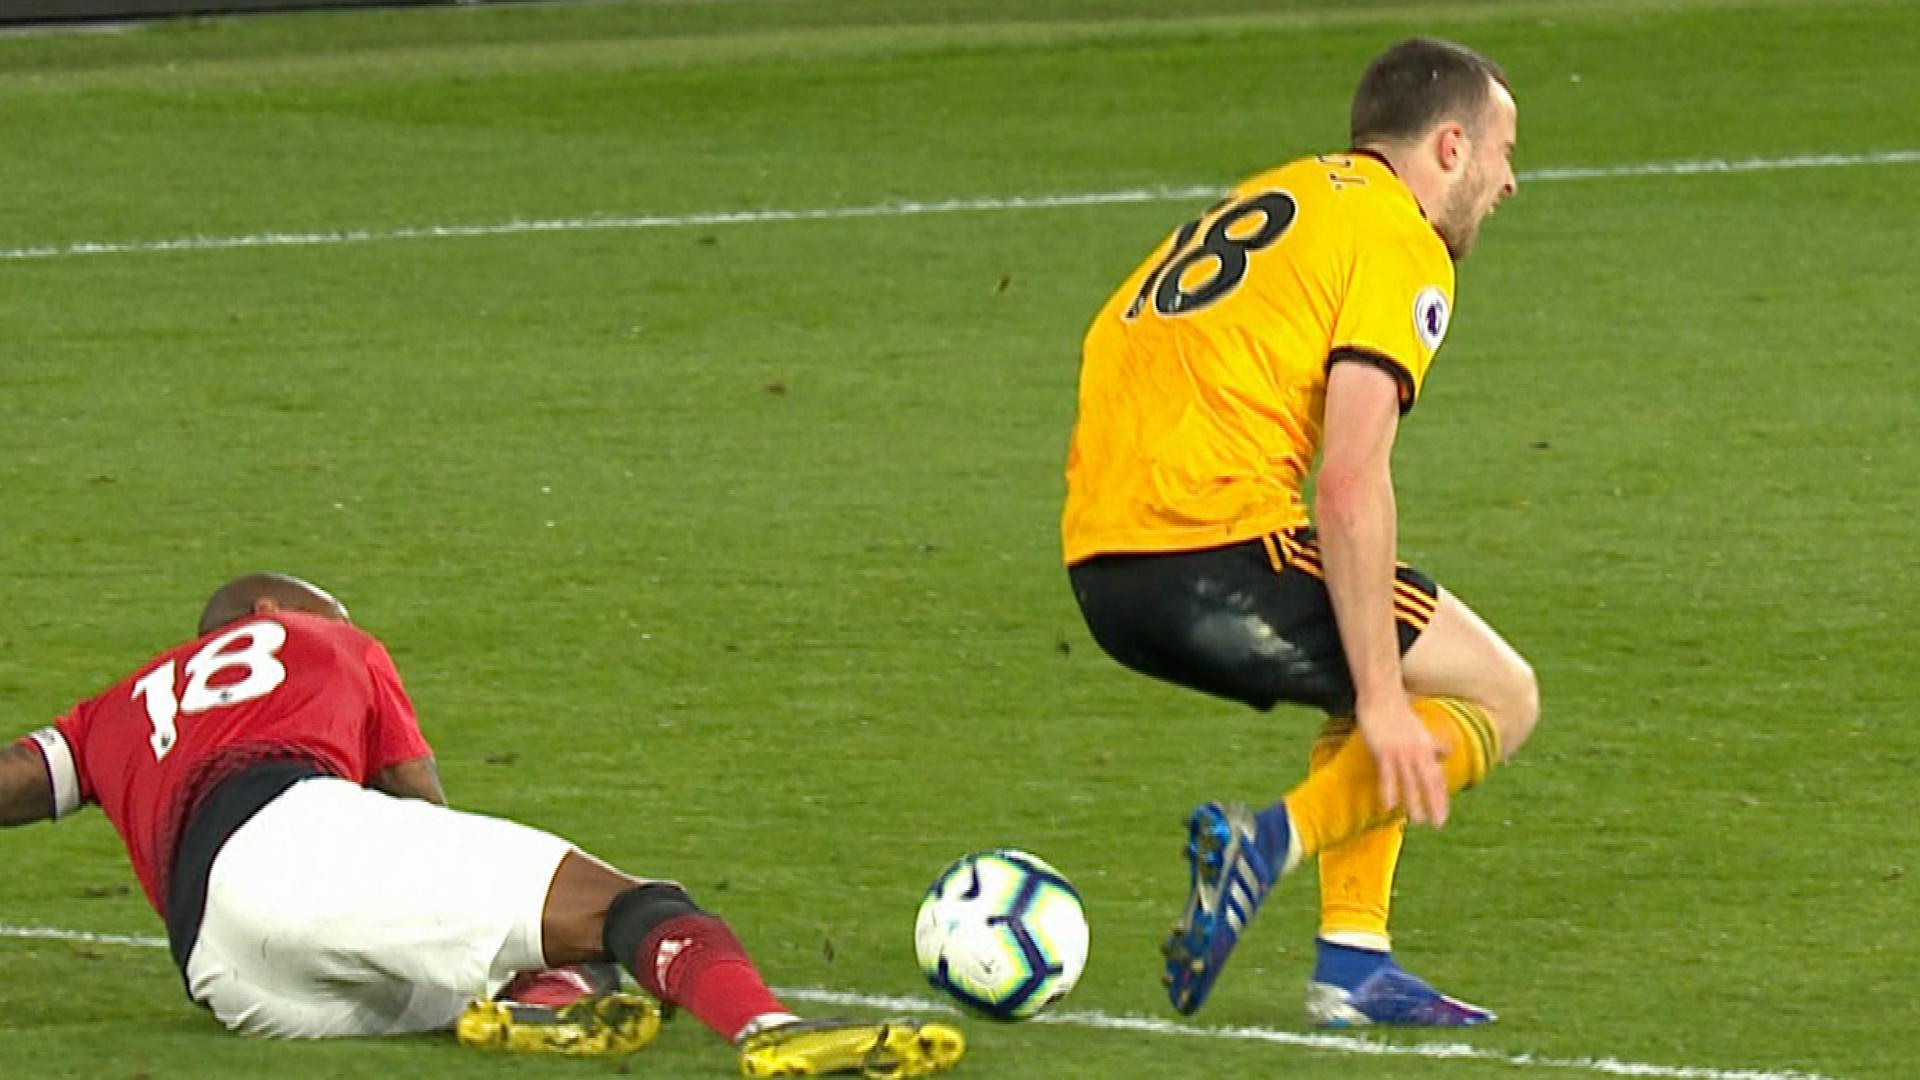 Bán, bán hết! Man Utd thua Wolves chỉ rõ 3 cái tên Solskjaer cần bán đứt Hè này - Bóng Đá